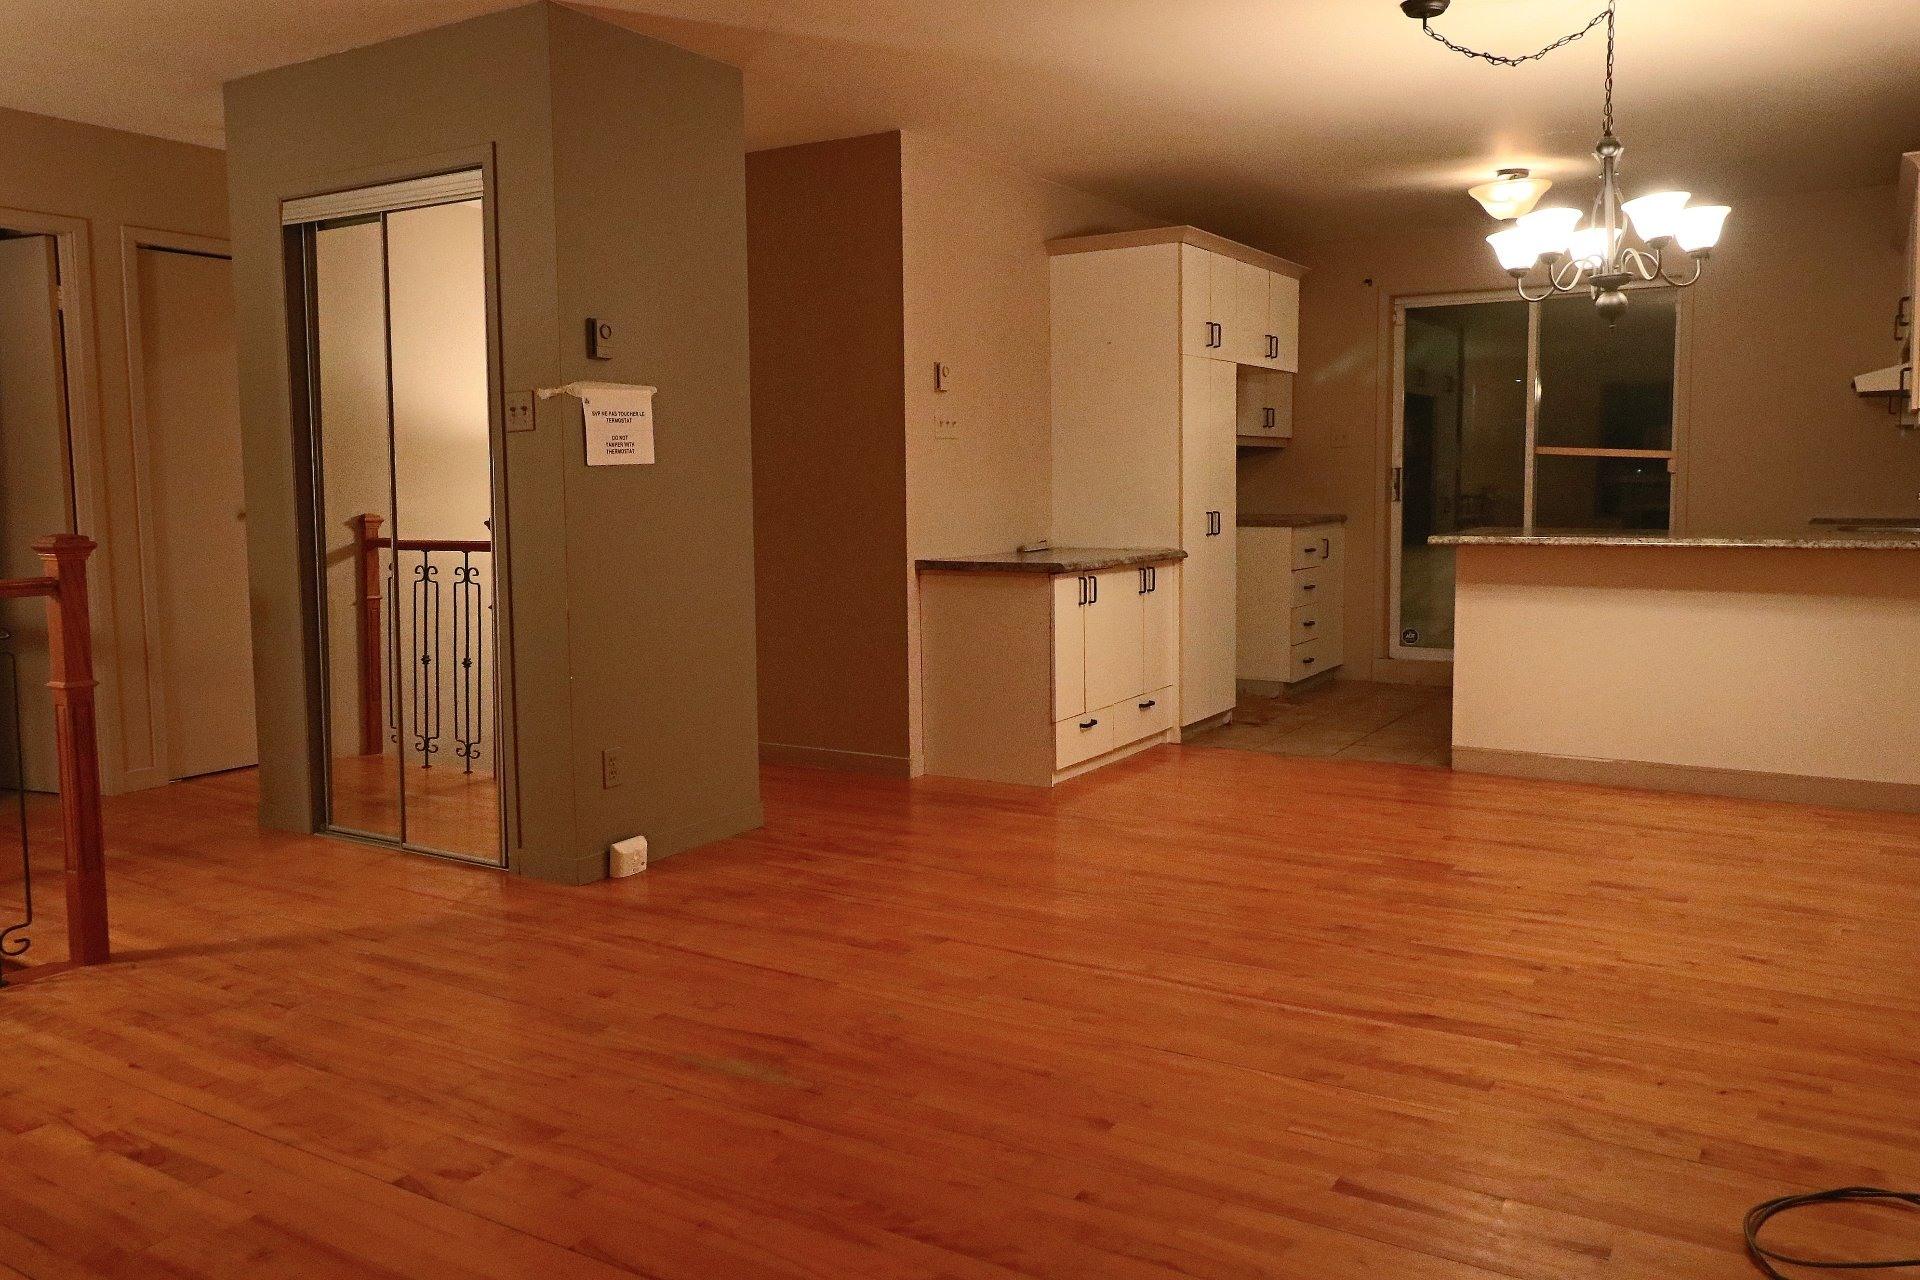 image 5 - House For sale Trois-Rivières - 11 rooms